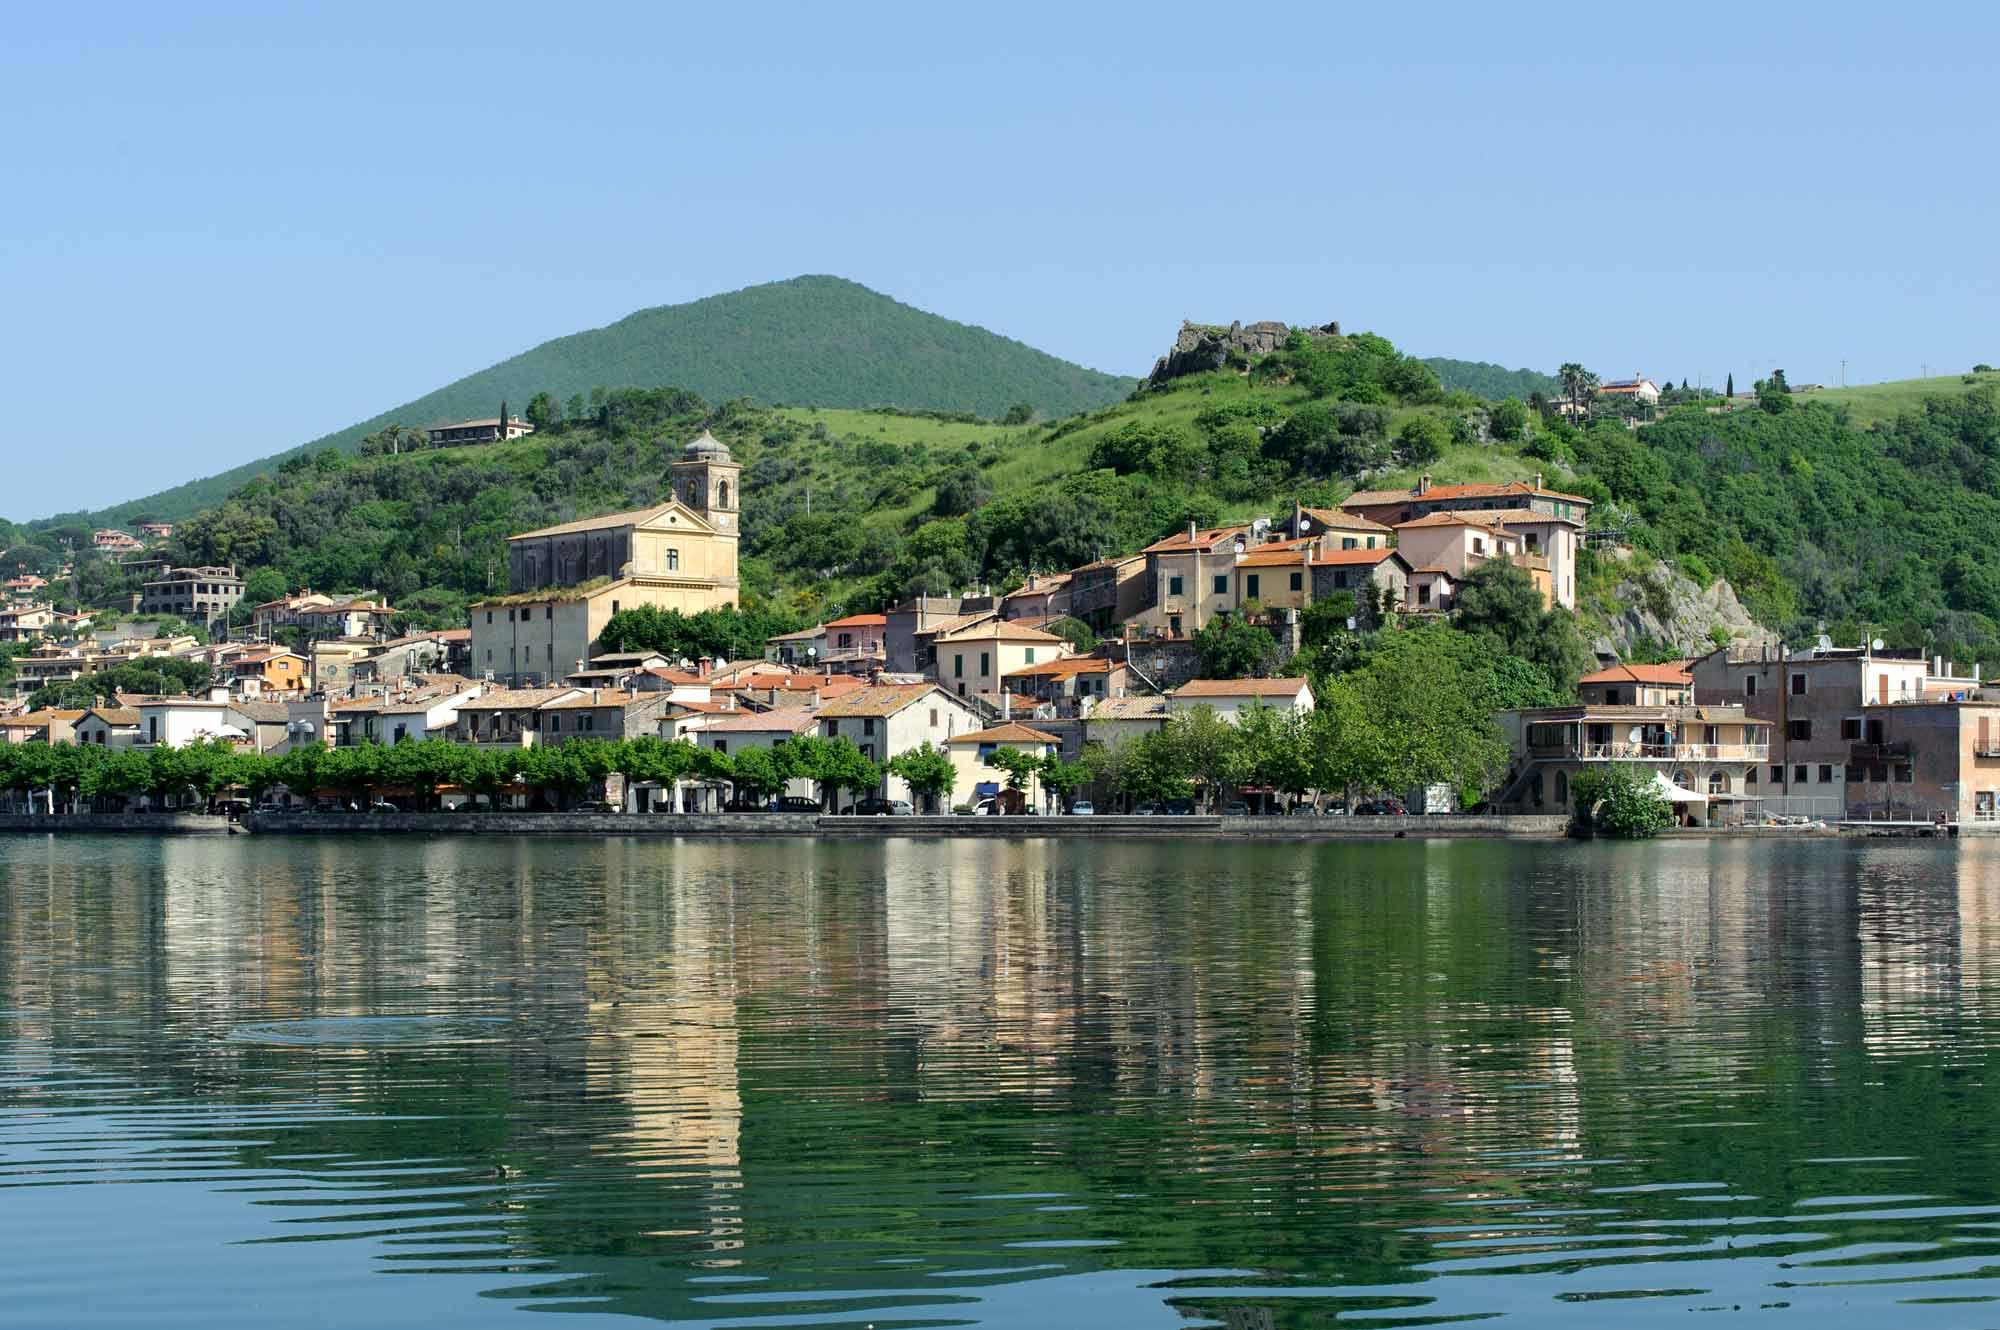 Matrimonio Trevignano Romano : Il ferragosto di trevignano lagone